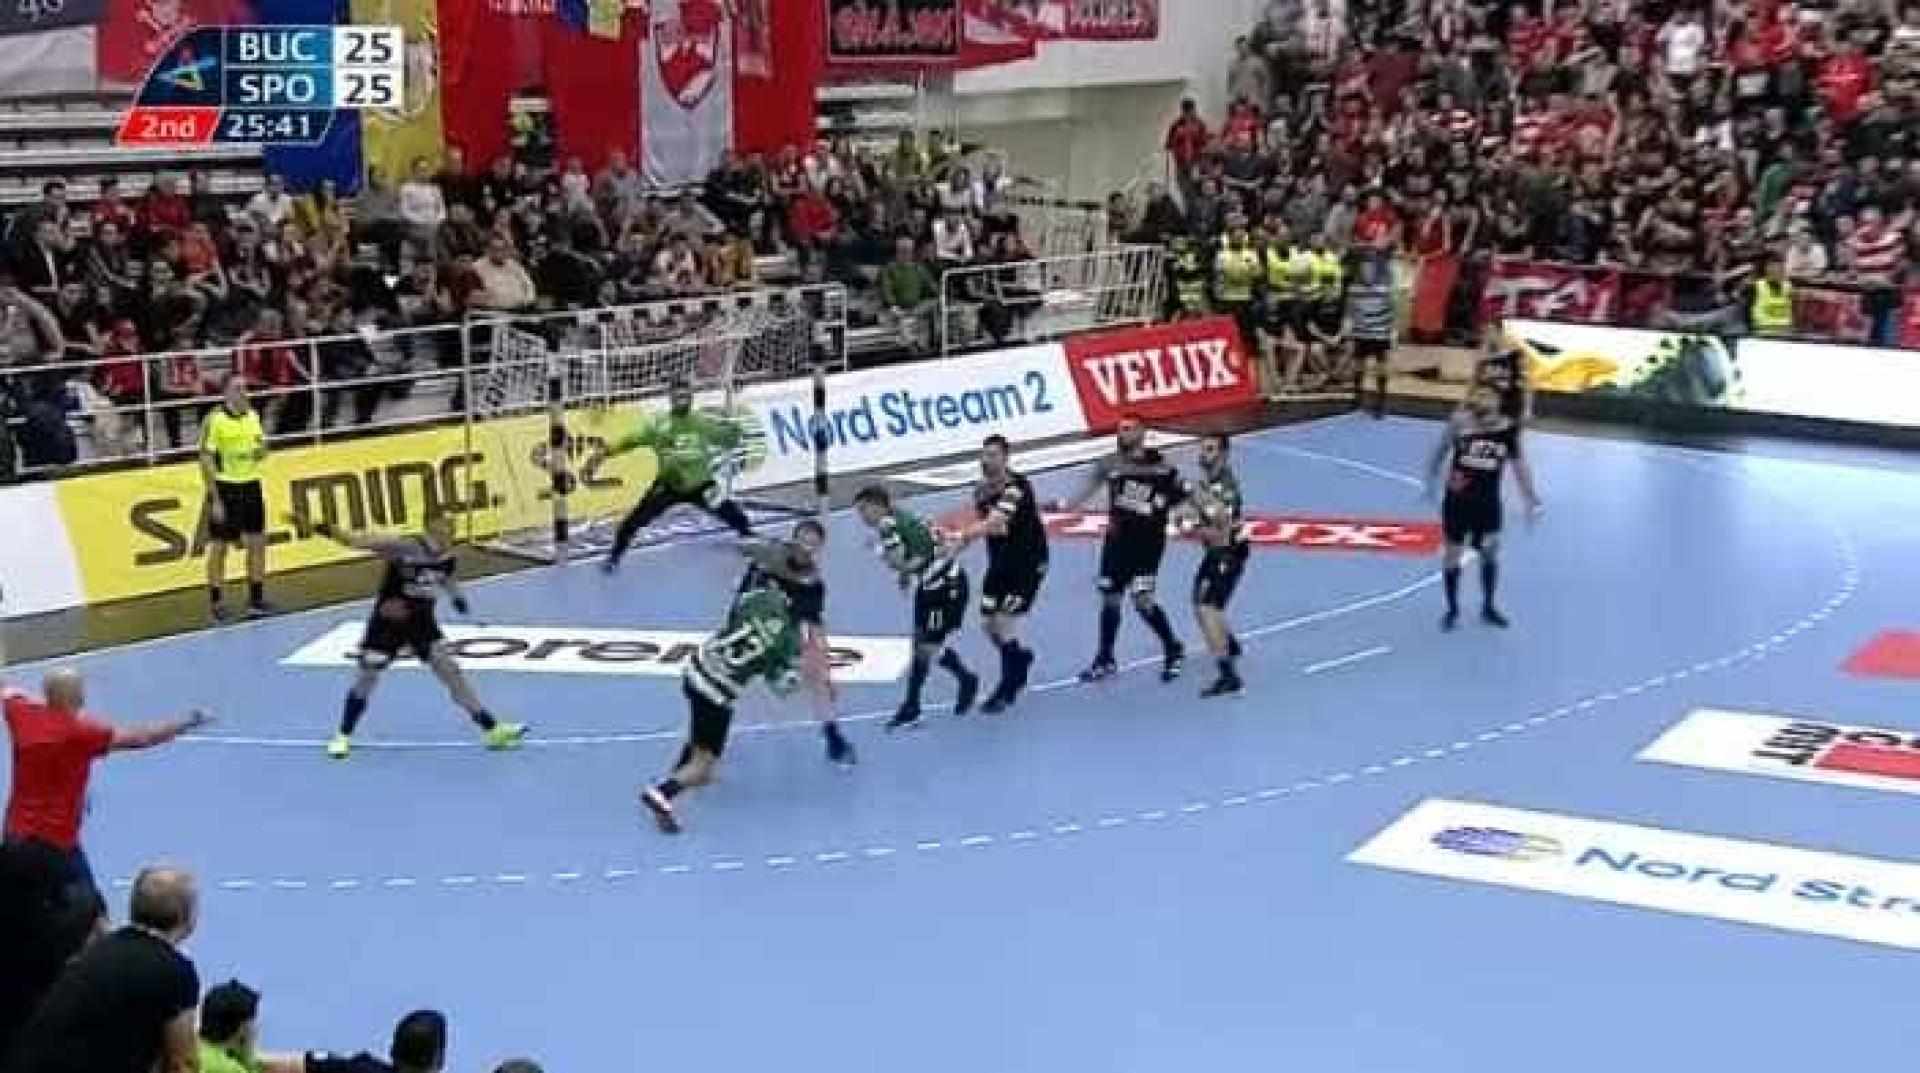 Golo do Sporting eleito o melhor da 14.ª ronda da Champions de andebol